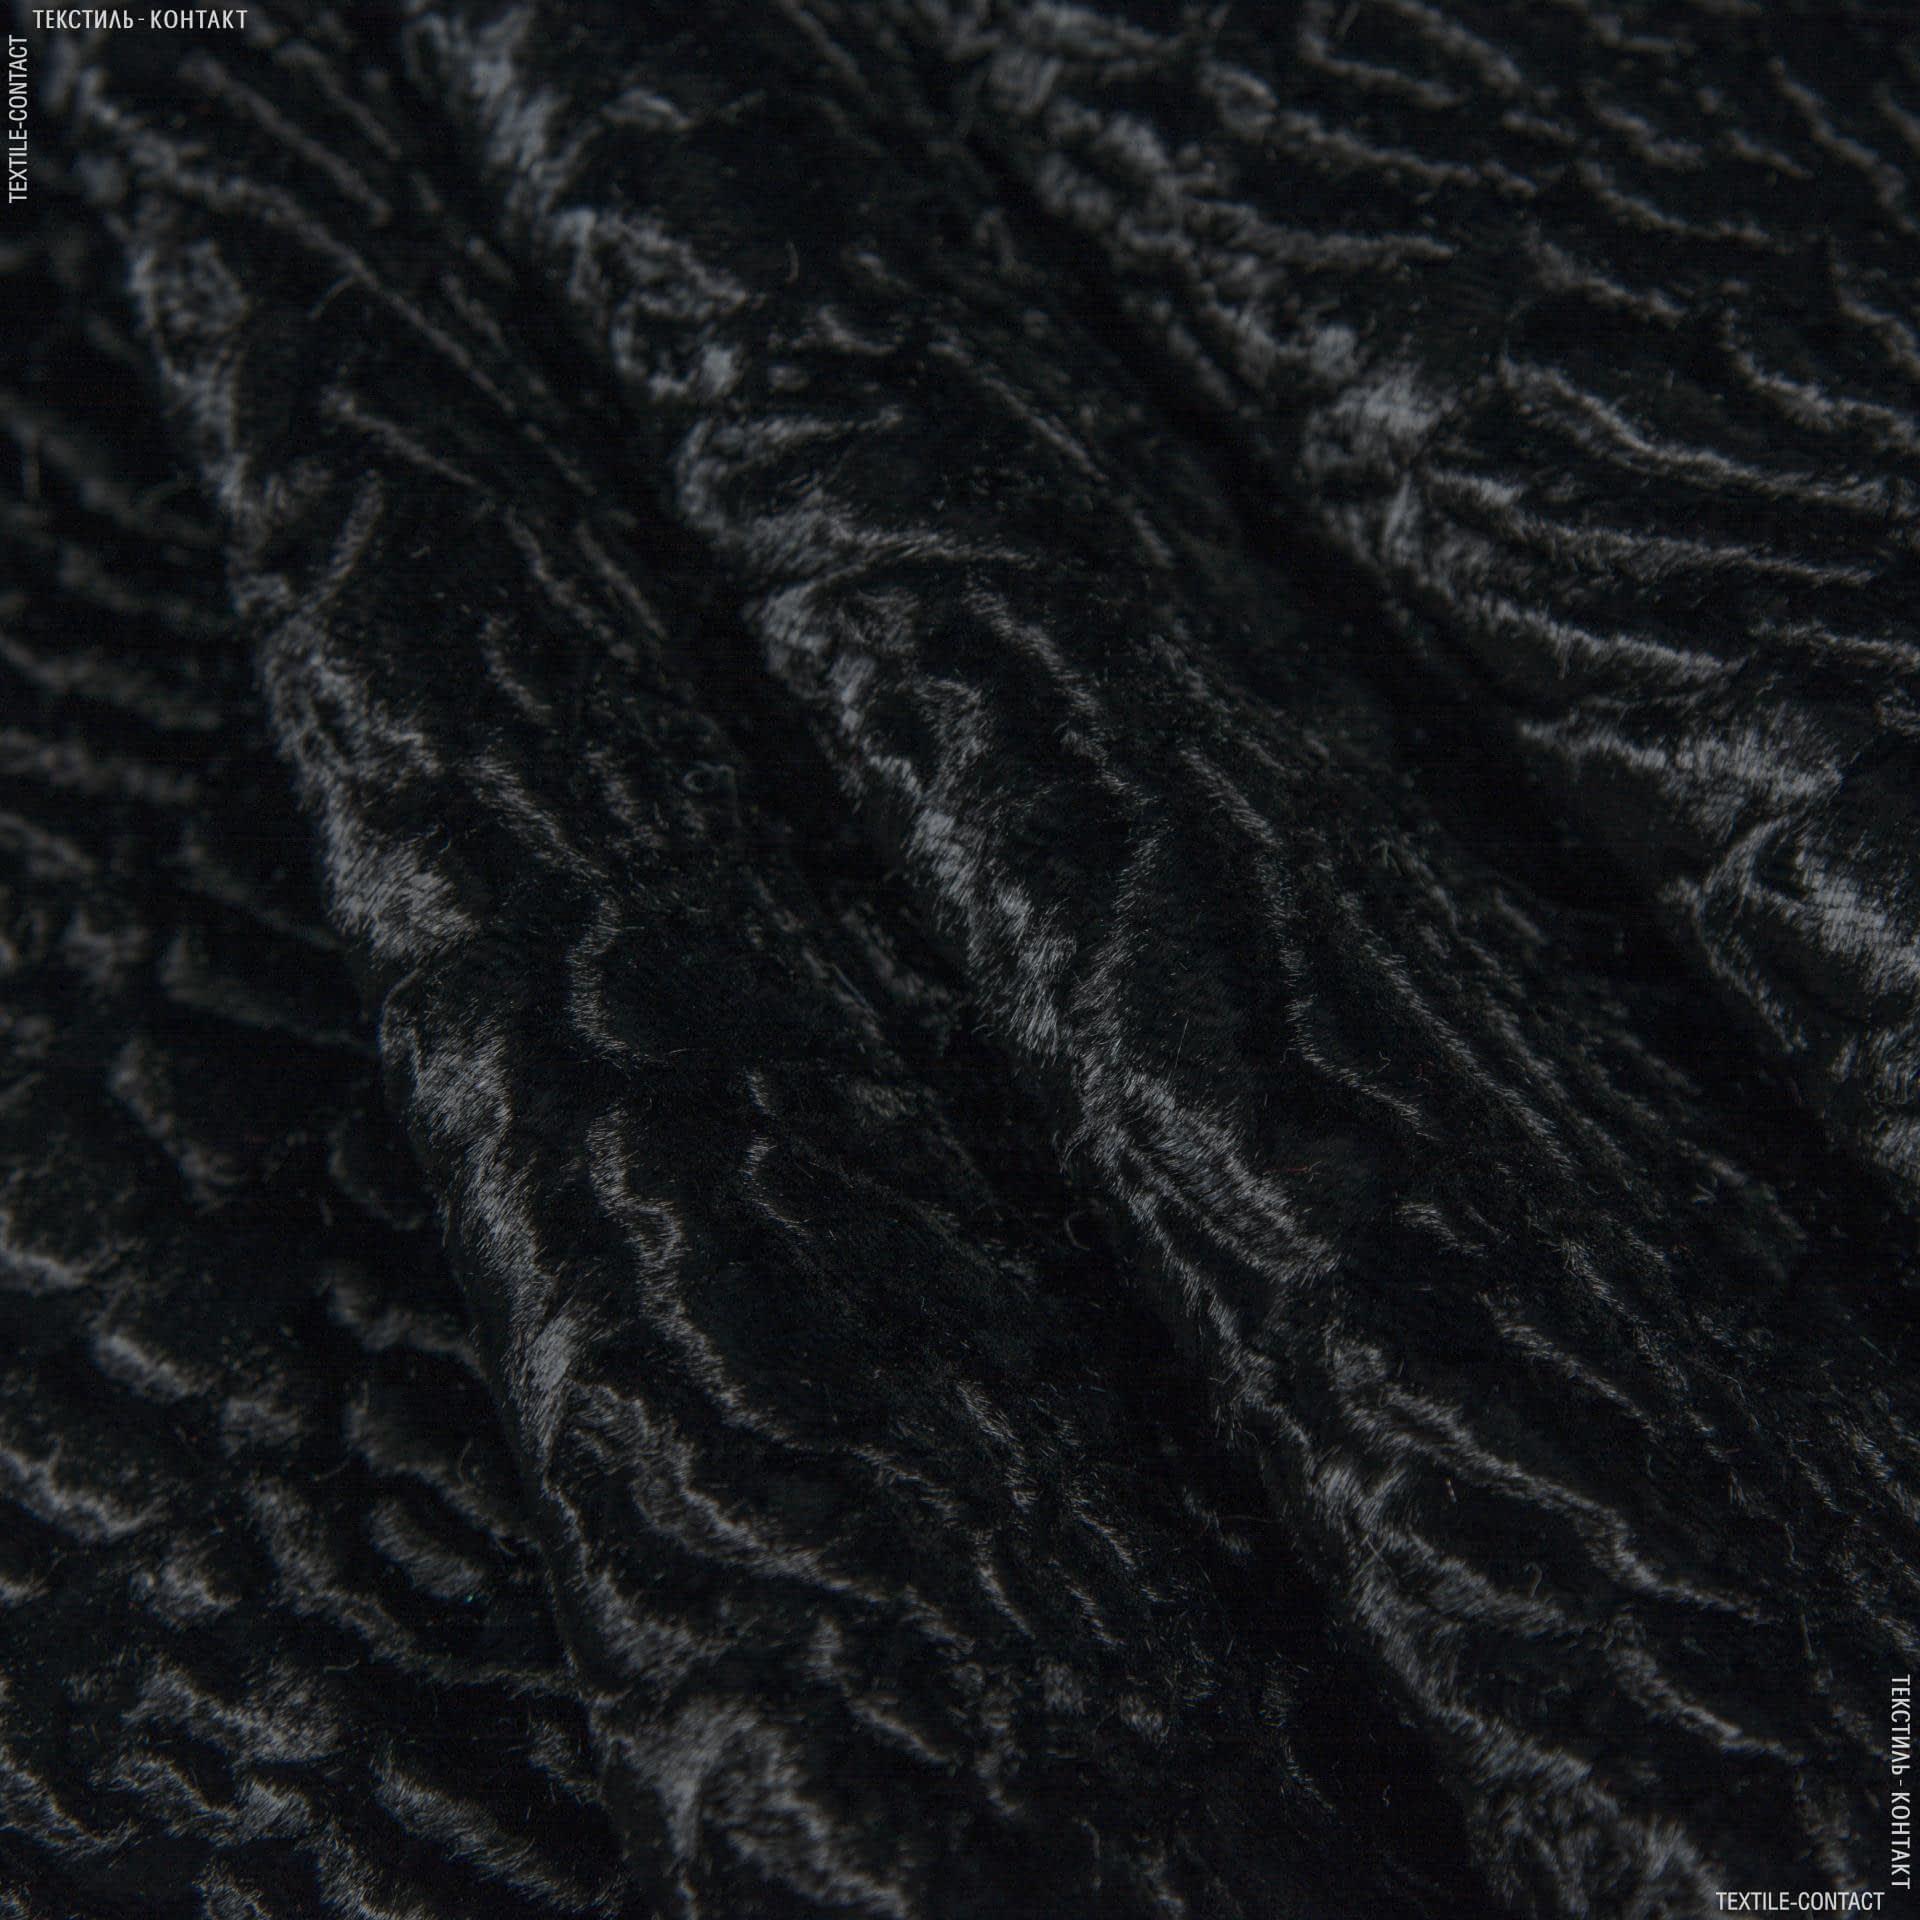 Ткани для верхней одежды - Каракуль искусственный черный